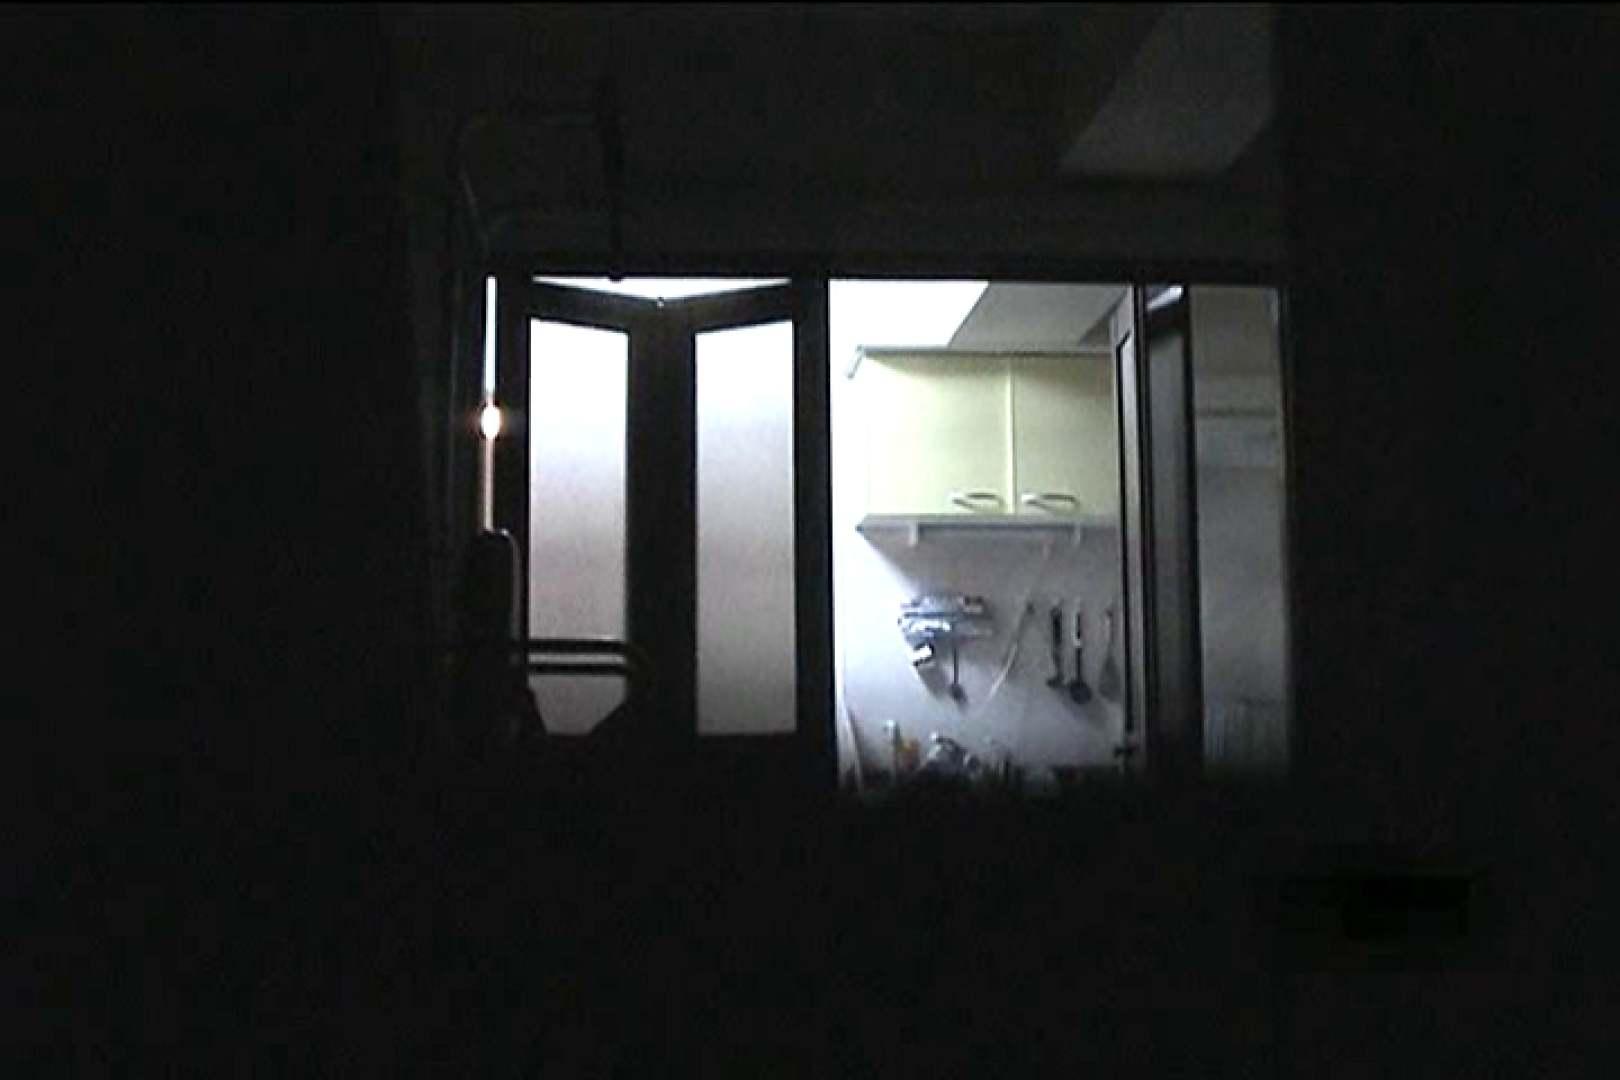 民家自慰マニアVol.1 OL女体 オマンコ動画キャプチャ 103連発 86